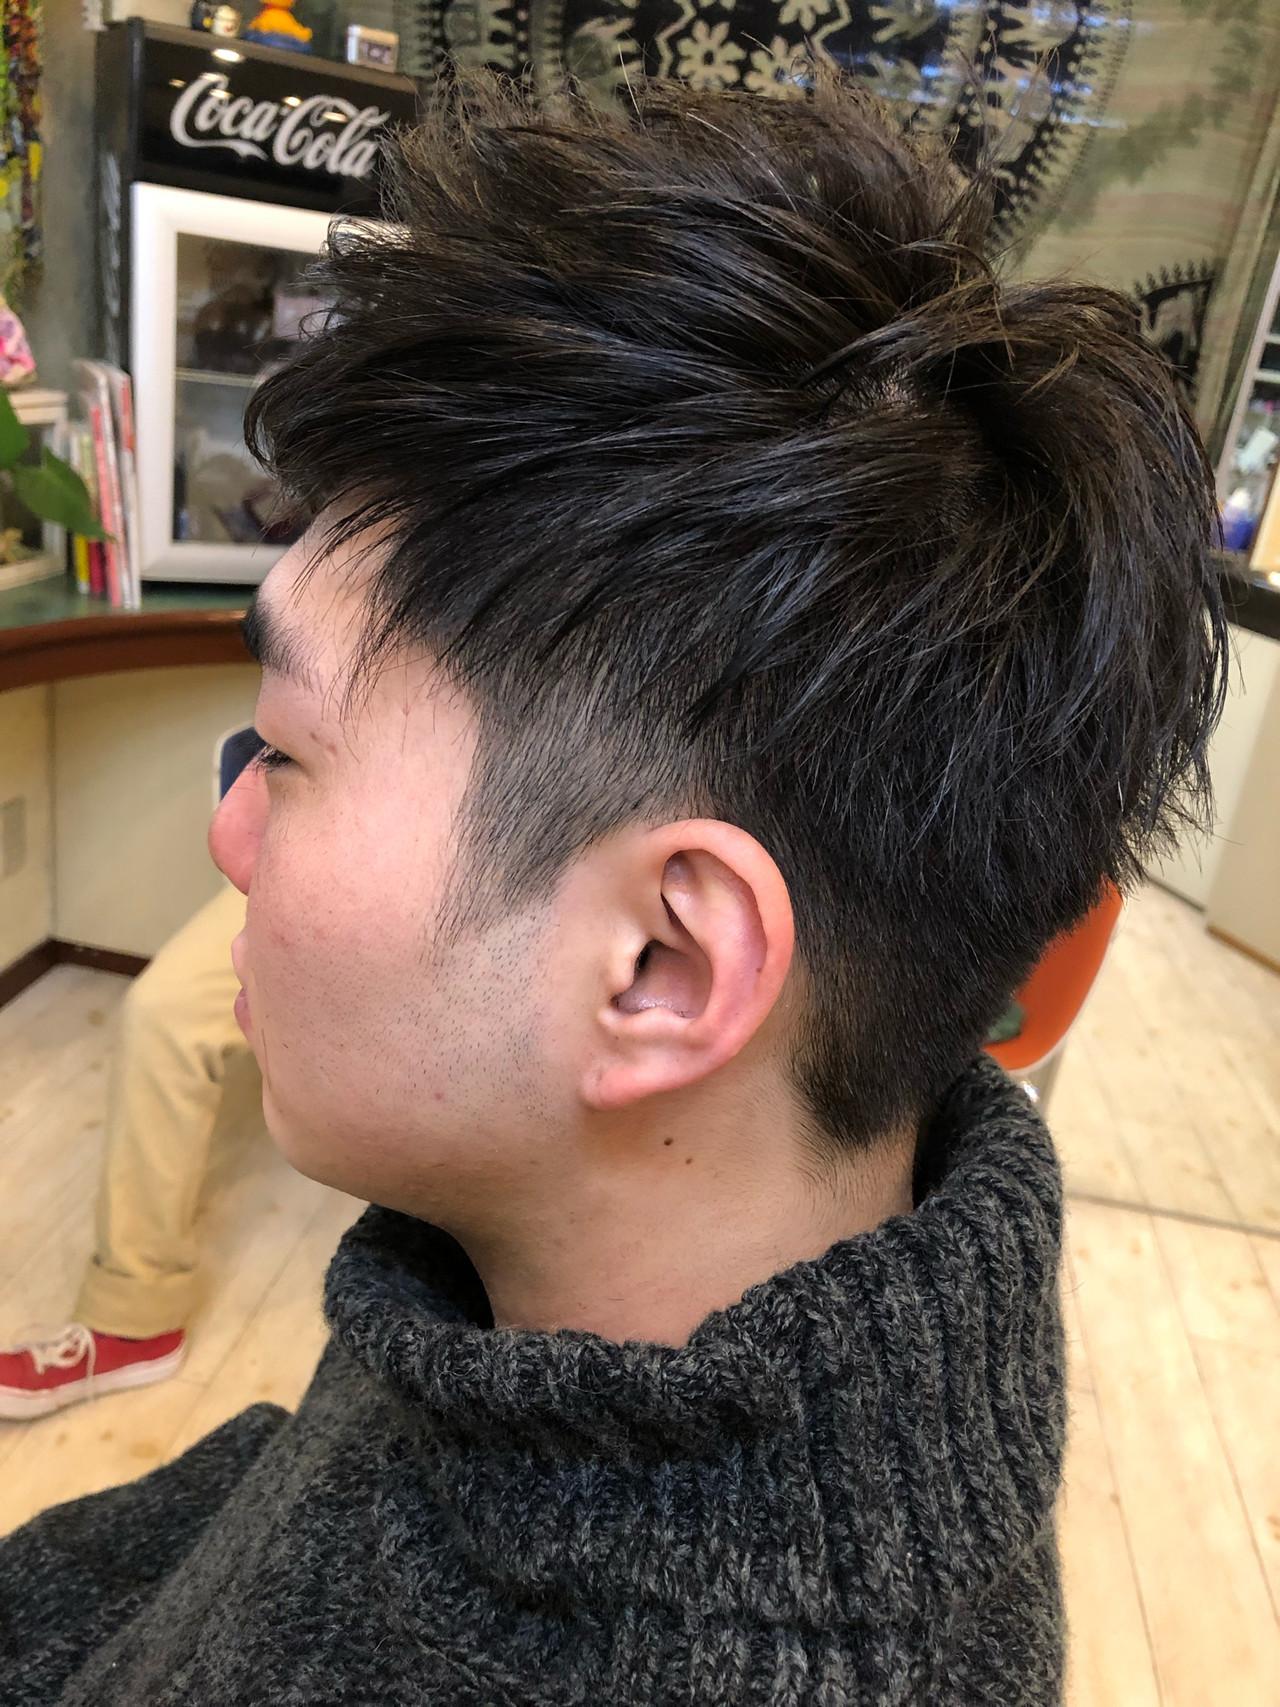 メンズ フェミニン メンズカジュアル 成人式 ヘアスタイルや髪型の写真・画像